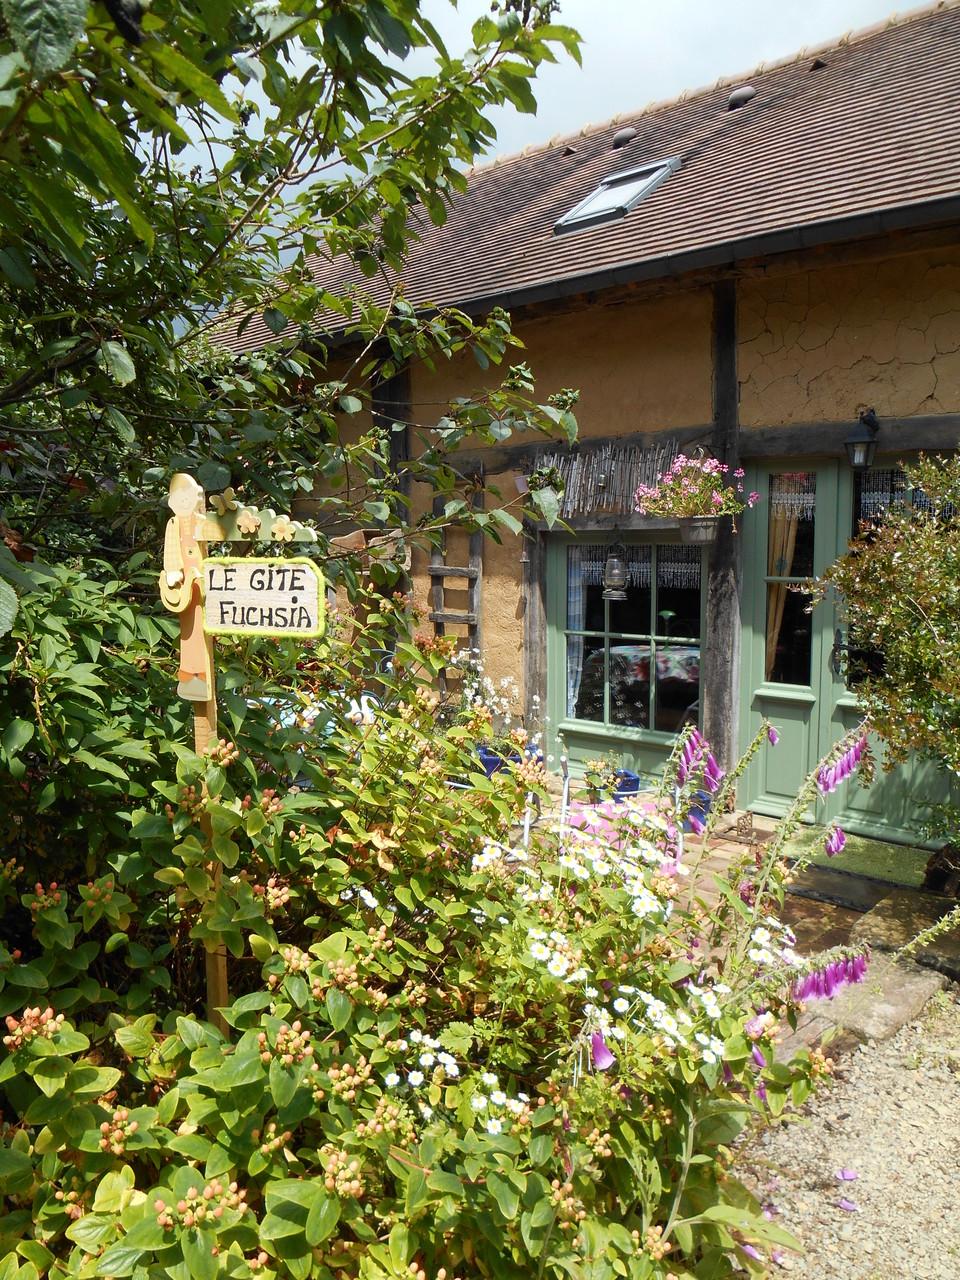 Le gite Fuchsia et sa terrasse